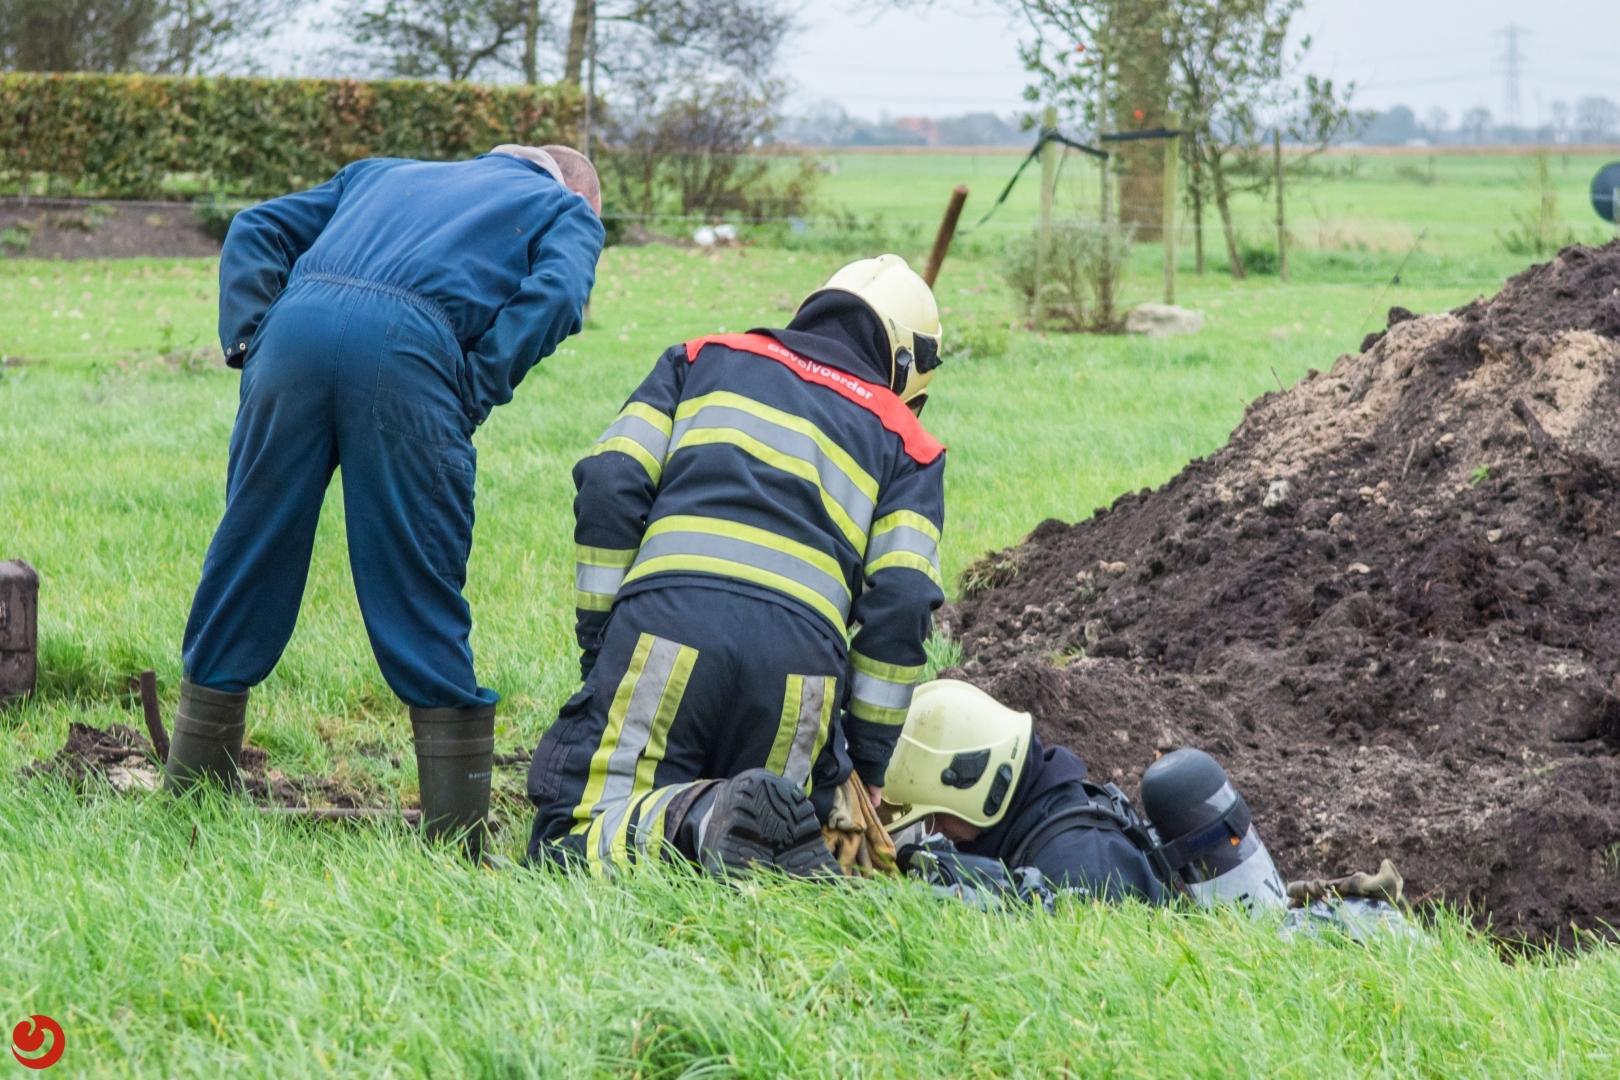 Gasleiding geraakt bij graafwerkzaamheden in tuin Oldelamer